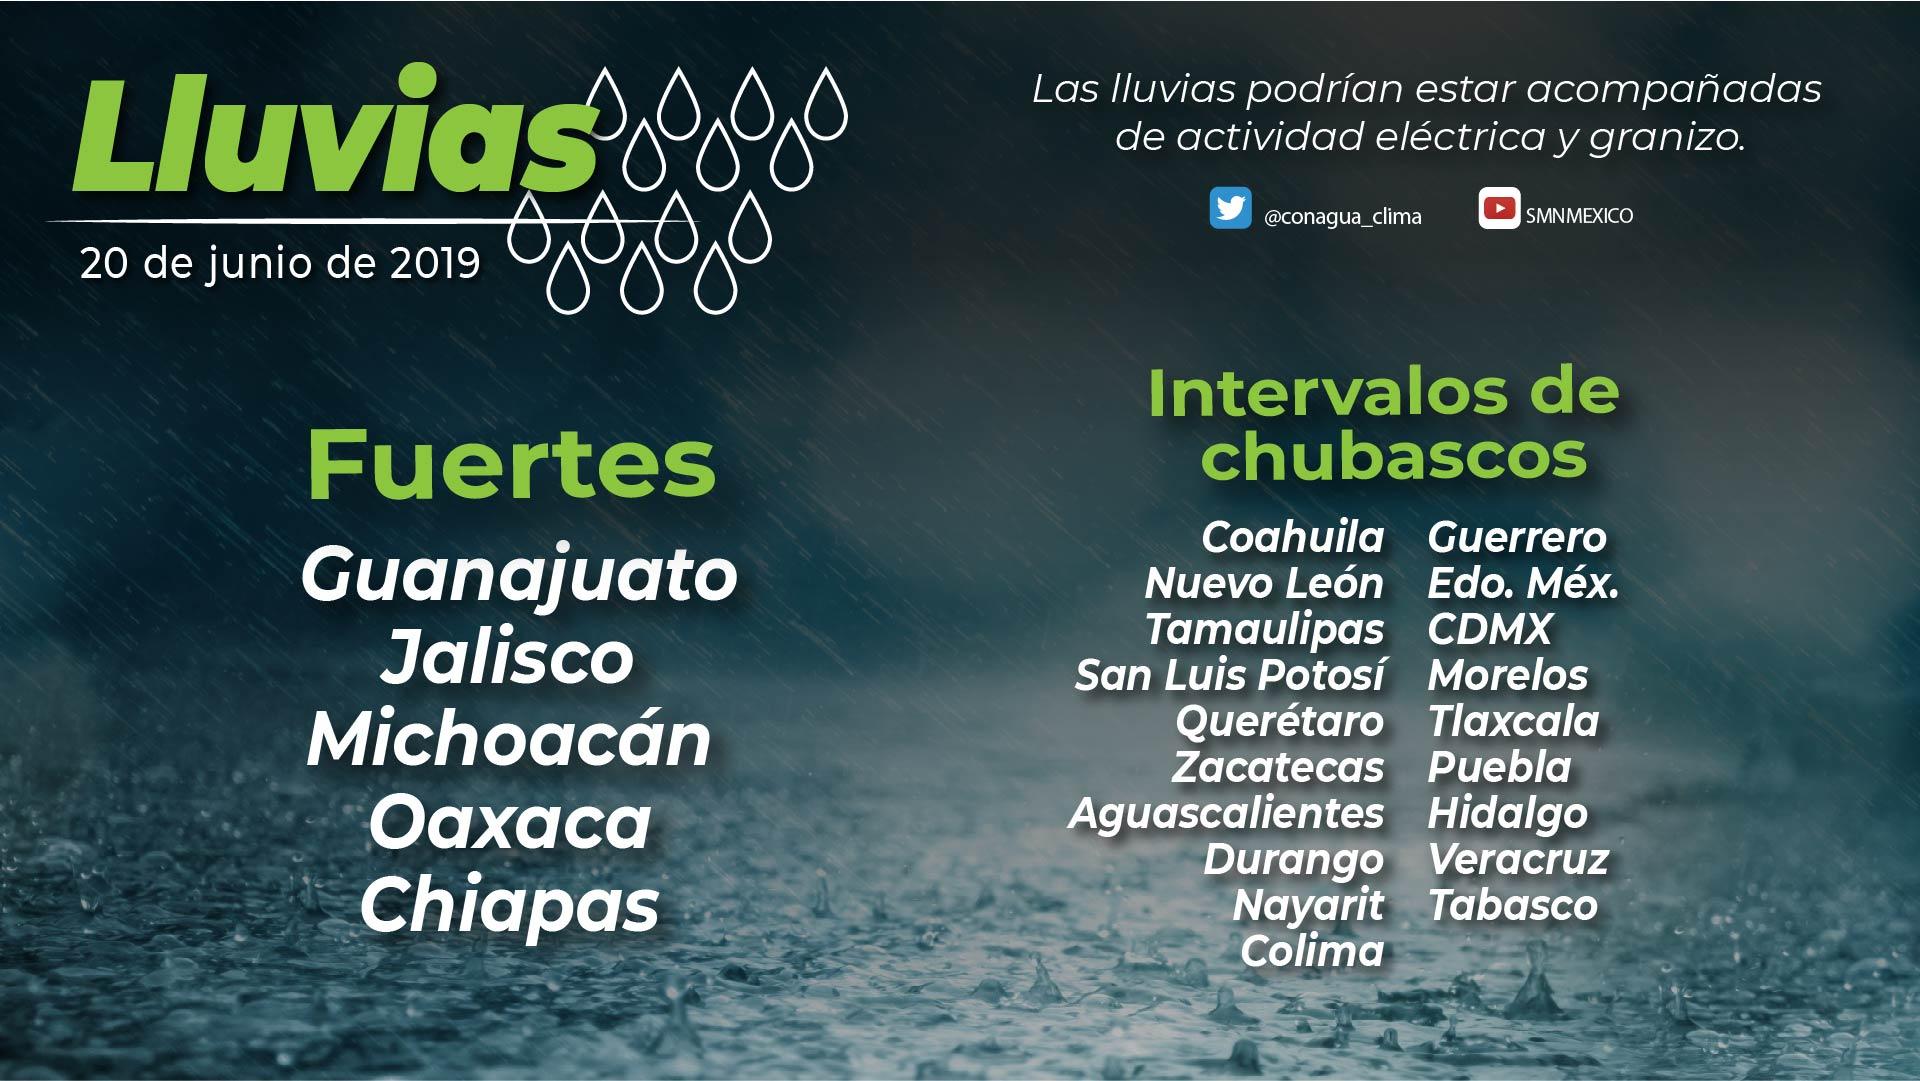 Se prevén intervalos de chubascos en Tlaxcala